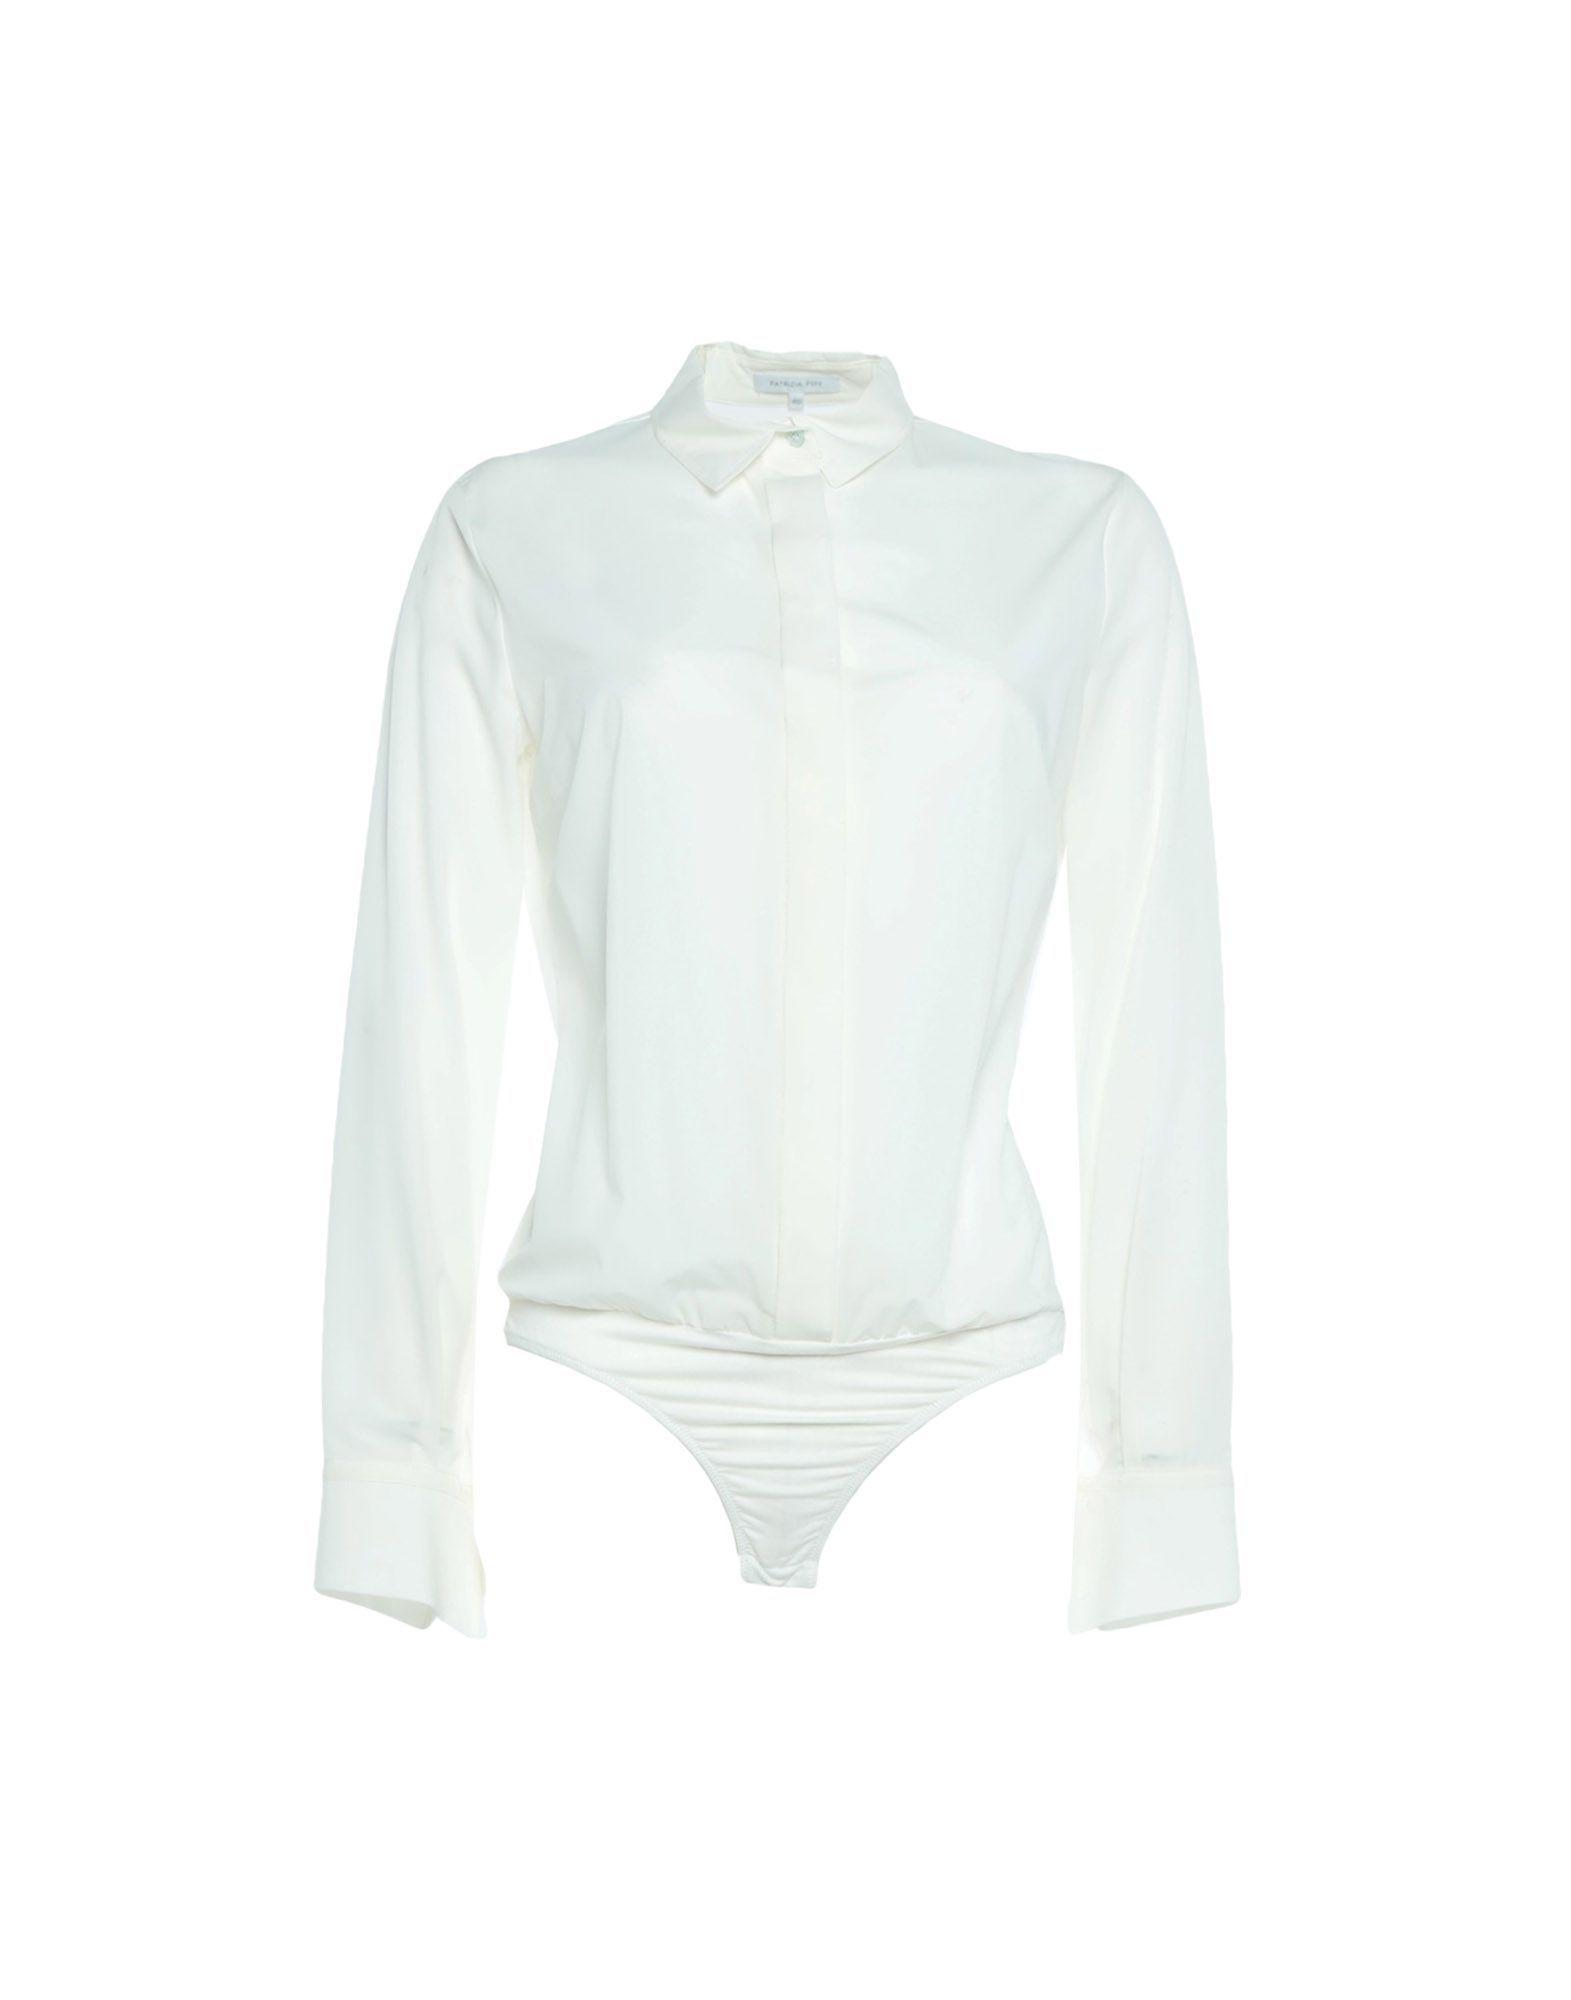 Patrizia Pepe White Satin Blouse Bodysuit